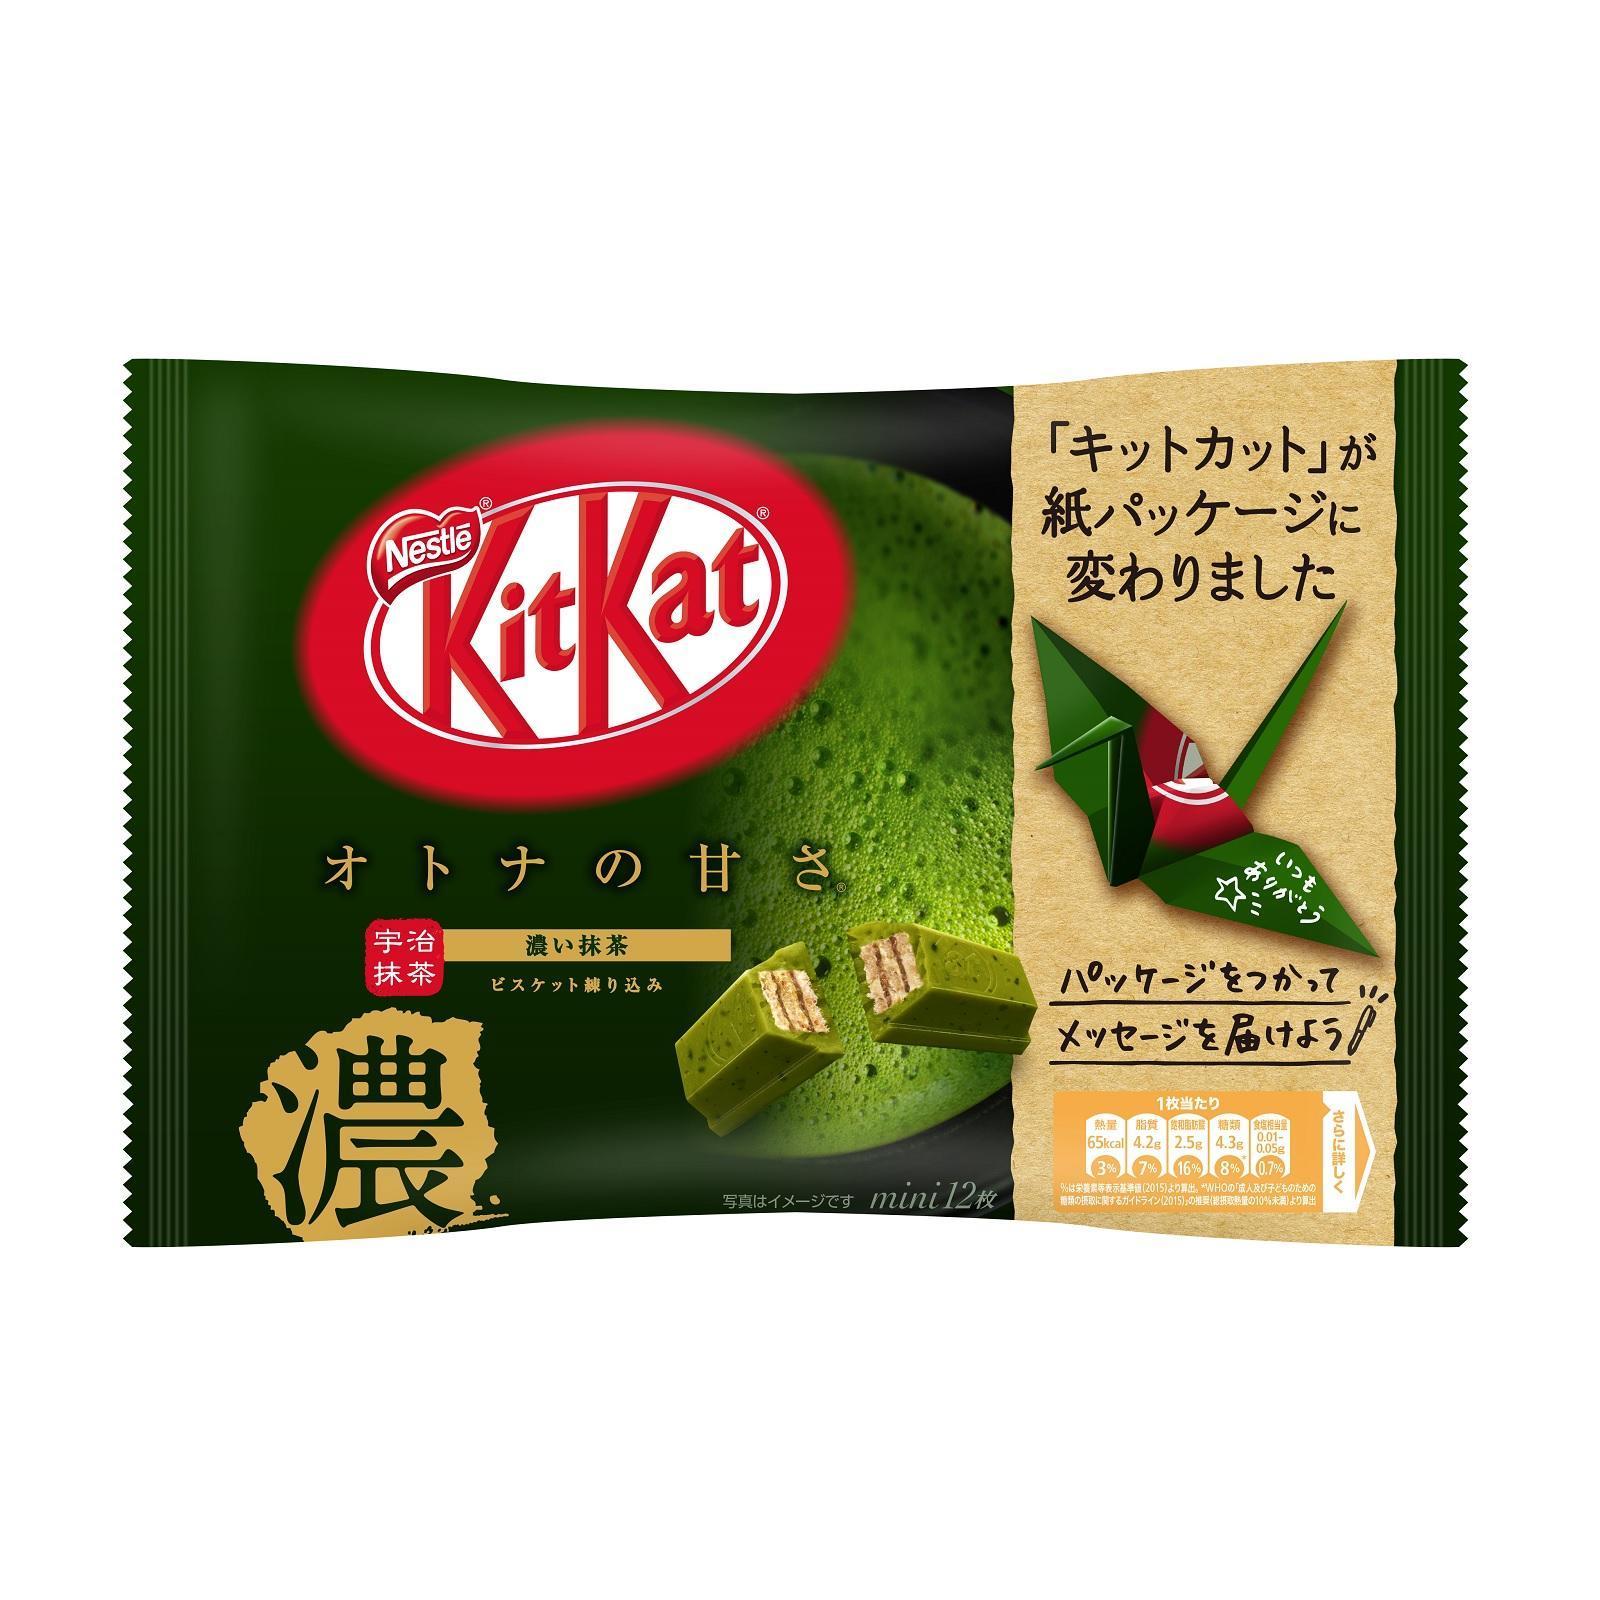 NESTLE KIT KAT Mini Otoama Green Tea Chocolate